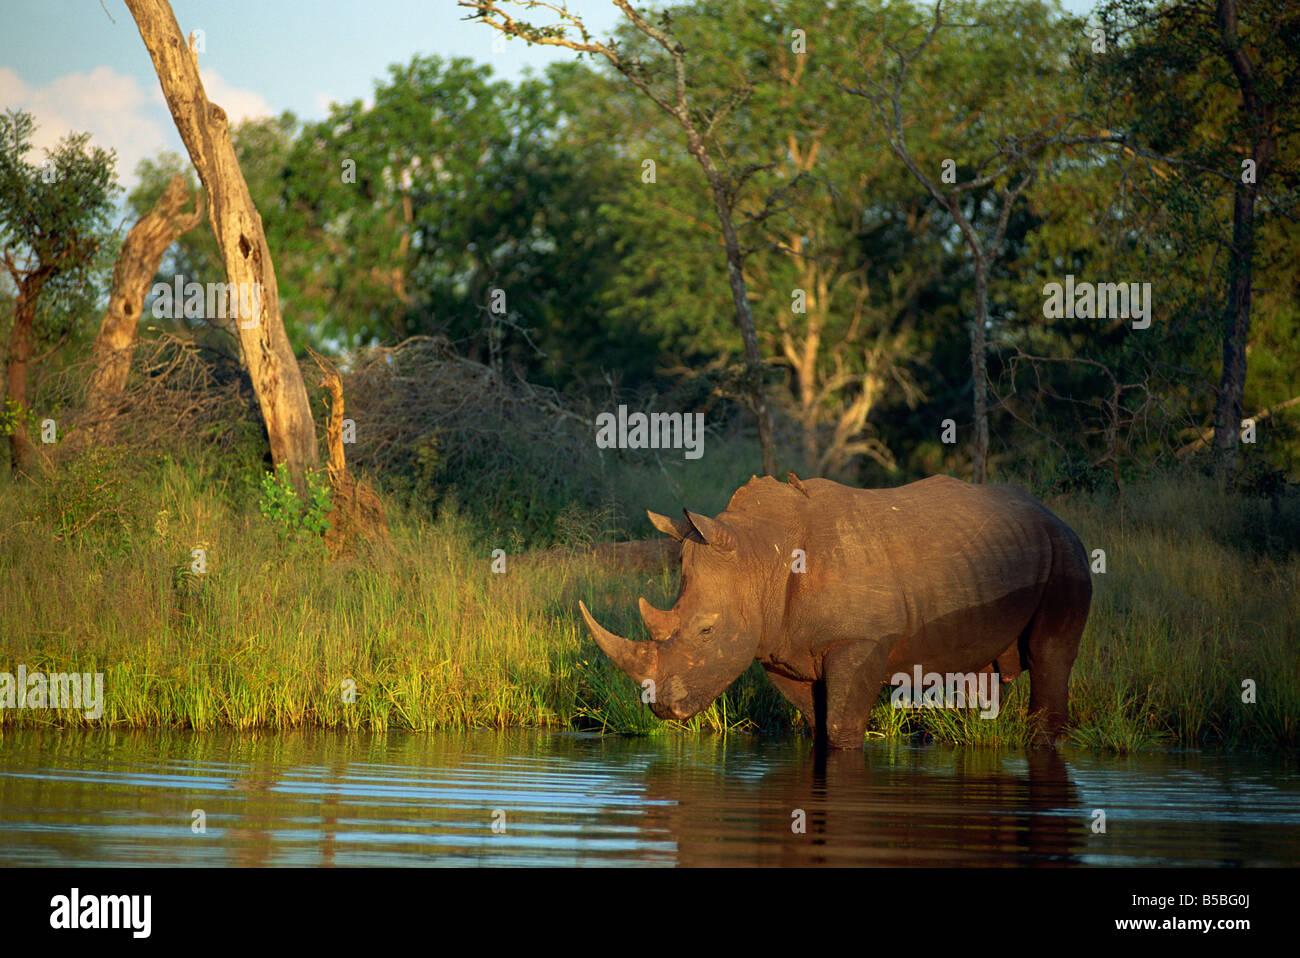 Square lipped Rhino Ceratotherium simum Kruger Park South Africa P Allen - Stock Image